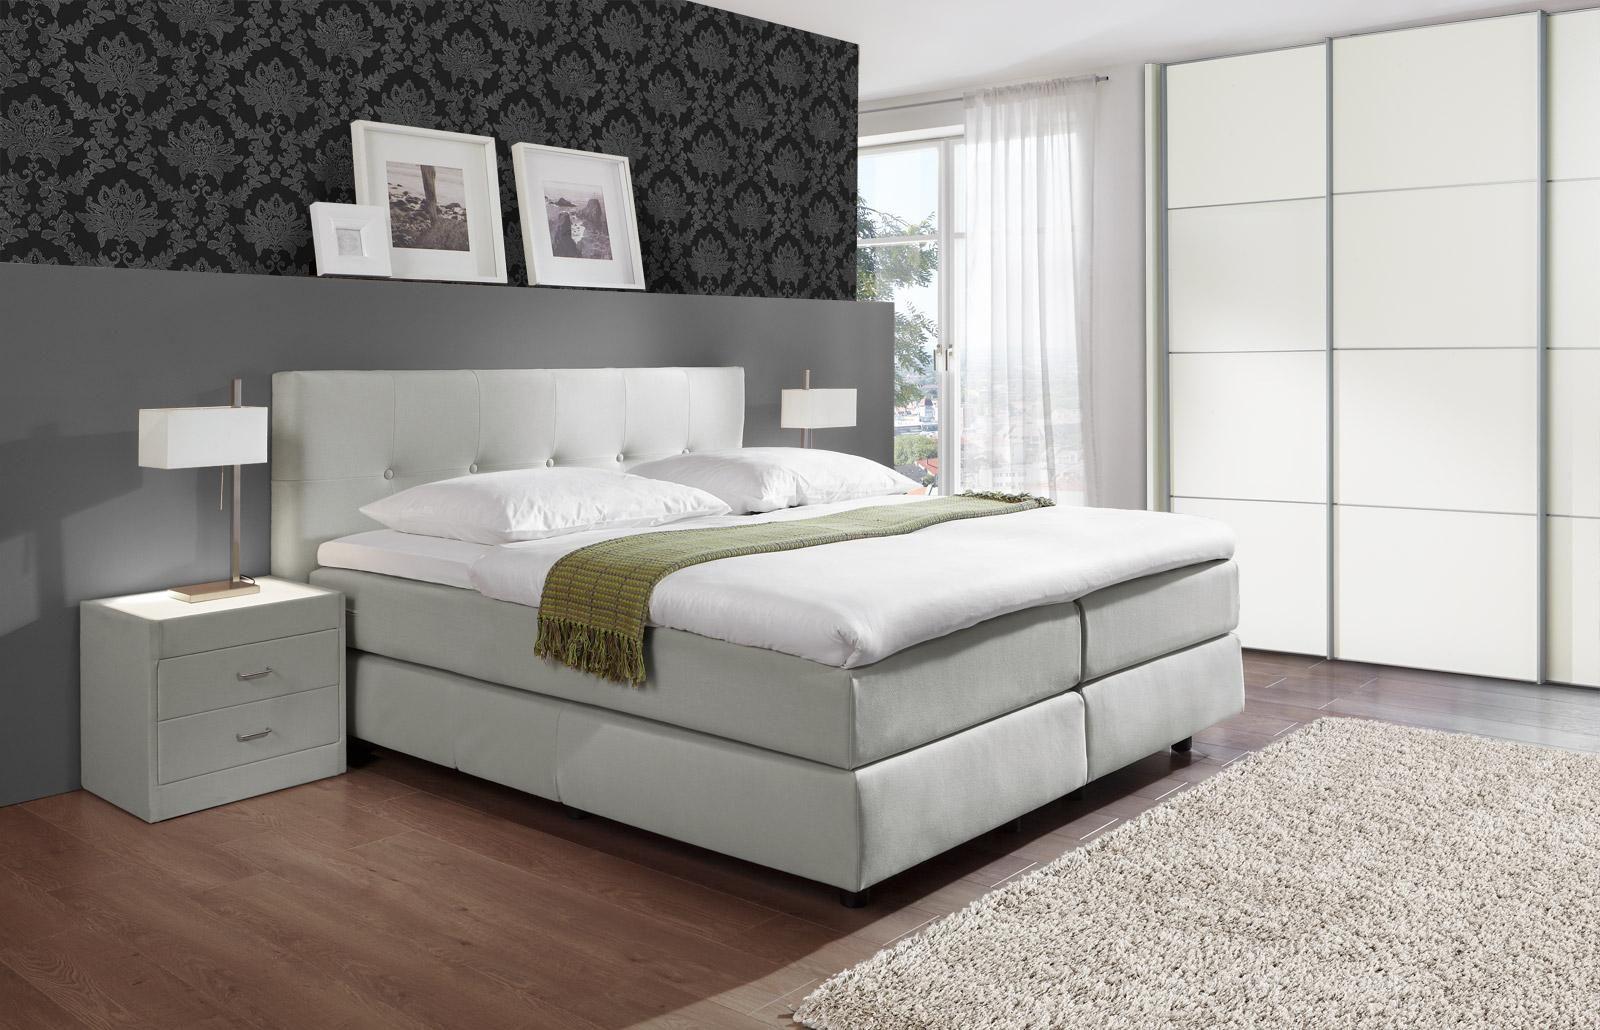 genial boxspringbett komplett schlafzimmer | deutsche deko | pinterest - Schlafzimmer Mit Boxspringbett